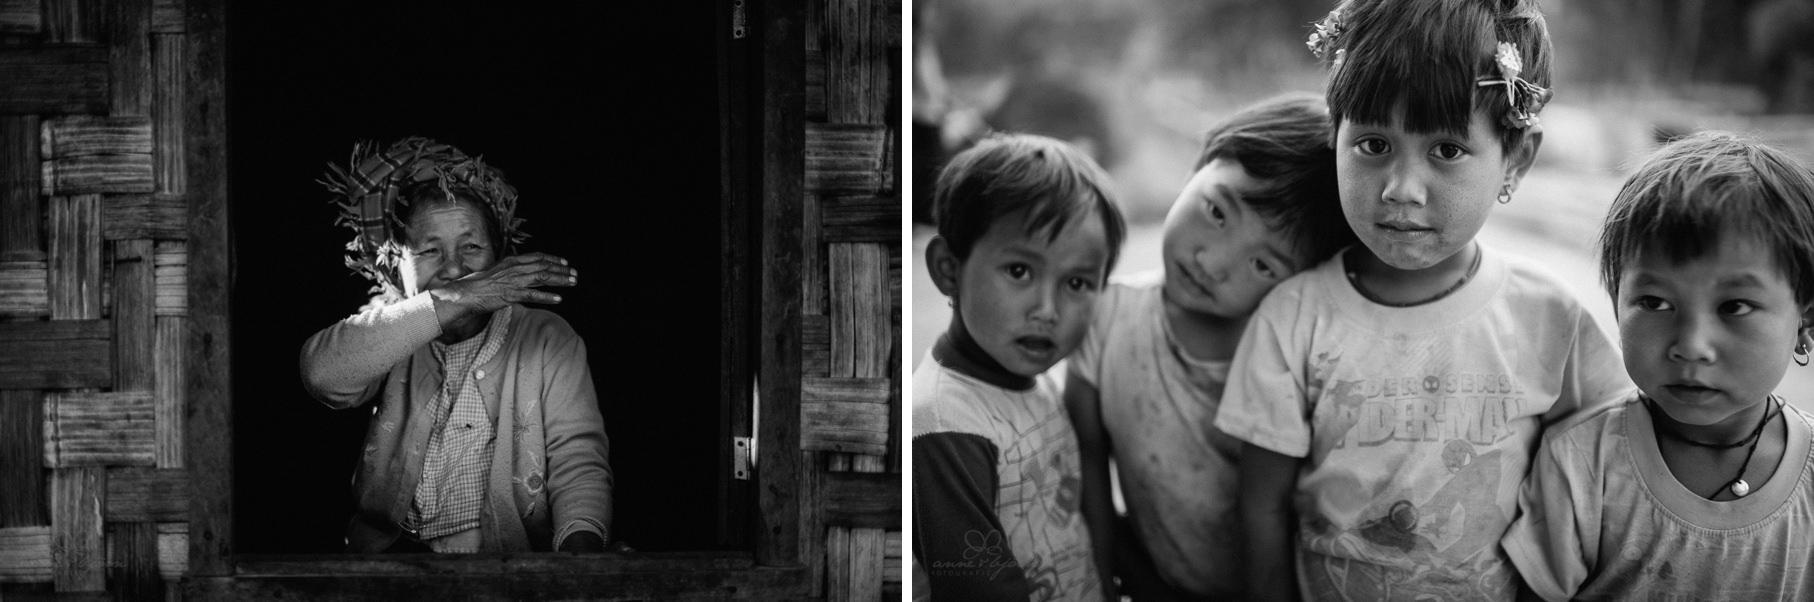 0048 inle lake trekking d76 6084 - Trekking von Kalaw zum Inle-See - Myanmar / Burma